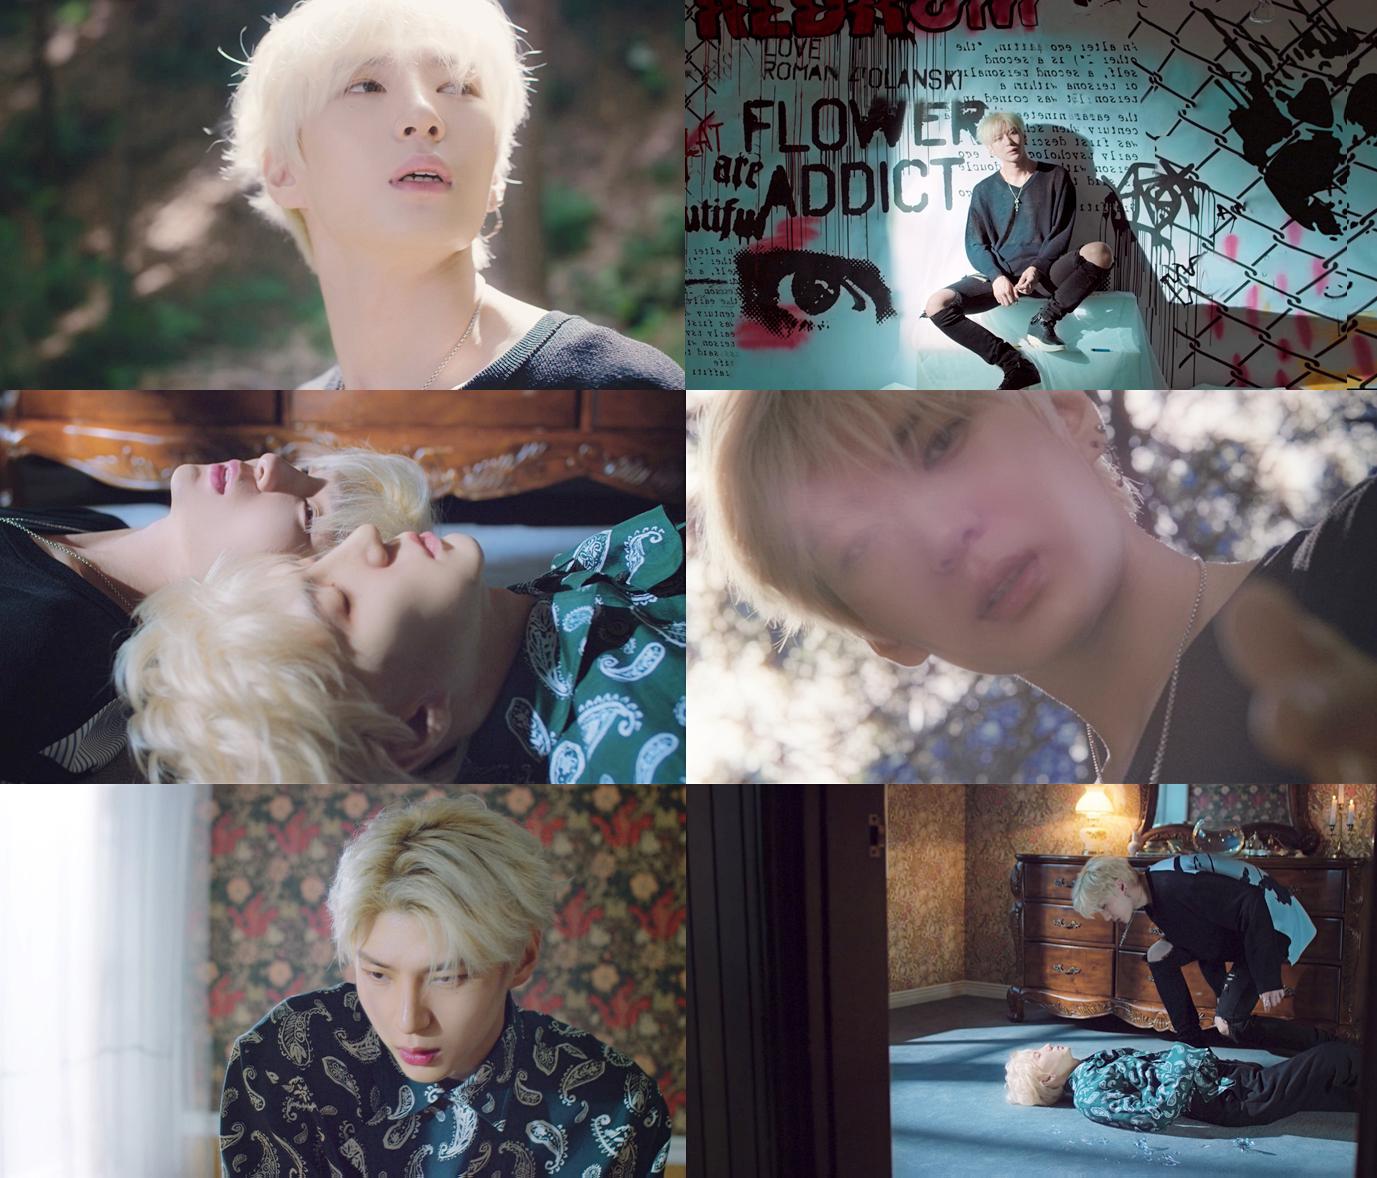 빅스 레오, 매혹적 분위기의 콘셉트 필름 기습 공개 '궁금증 UP'